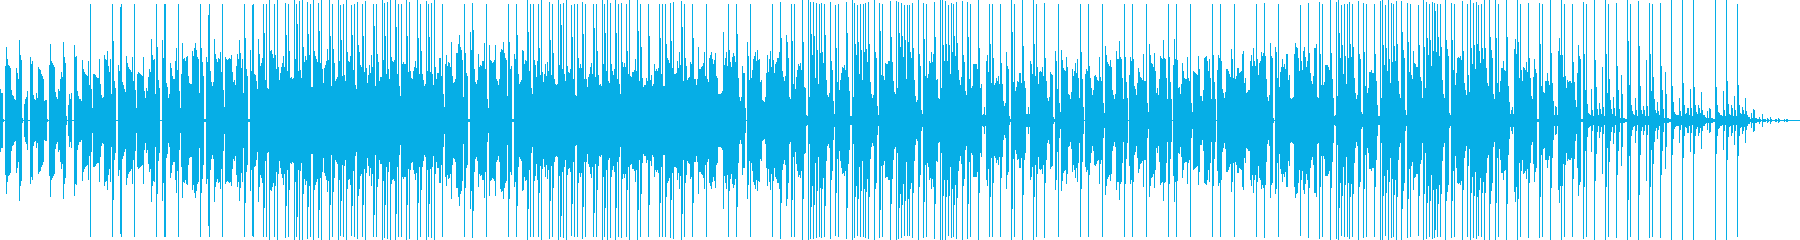 使用用途や曲のイメージを言語化できない用の再生済みの波形